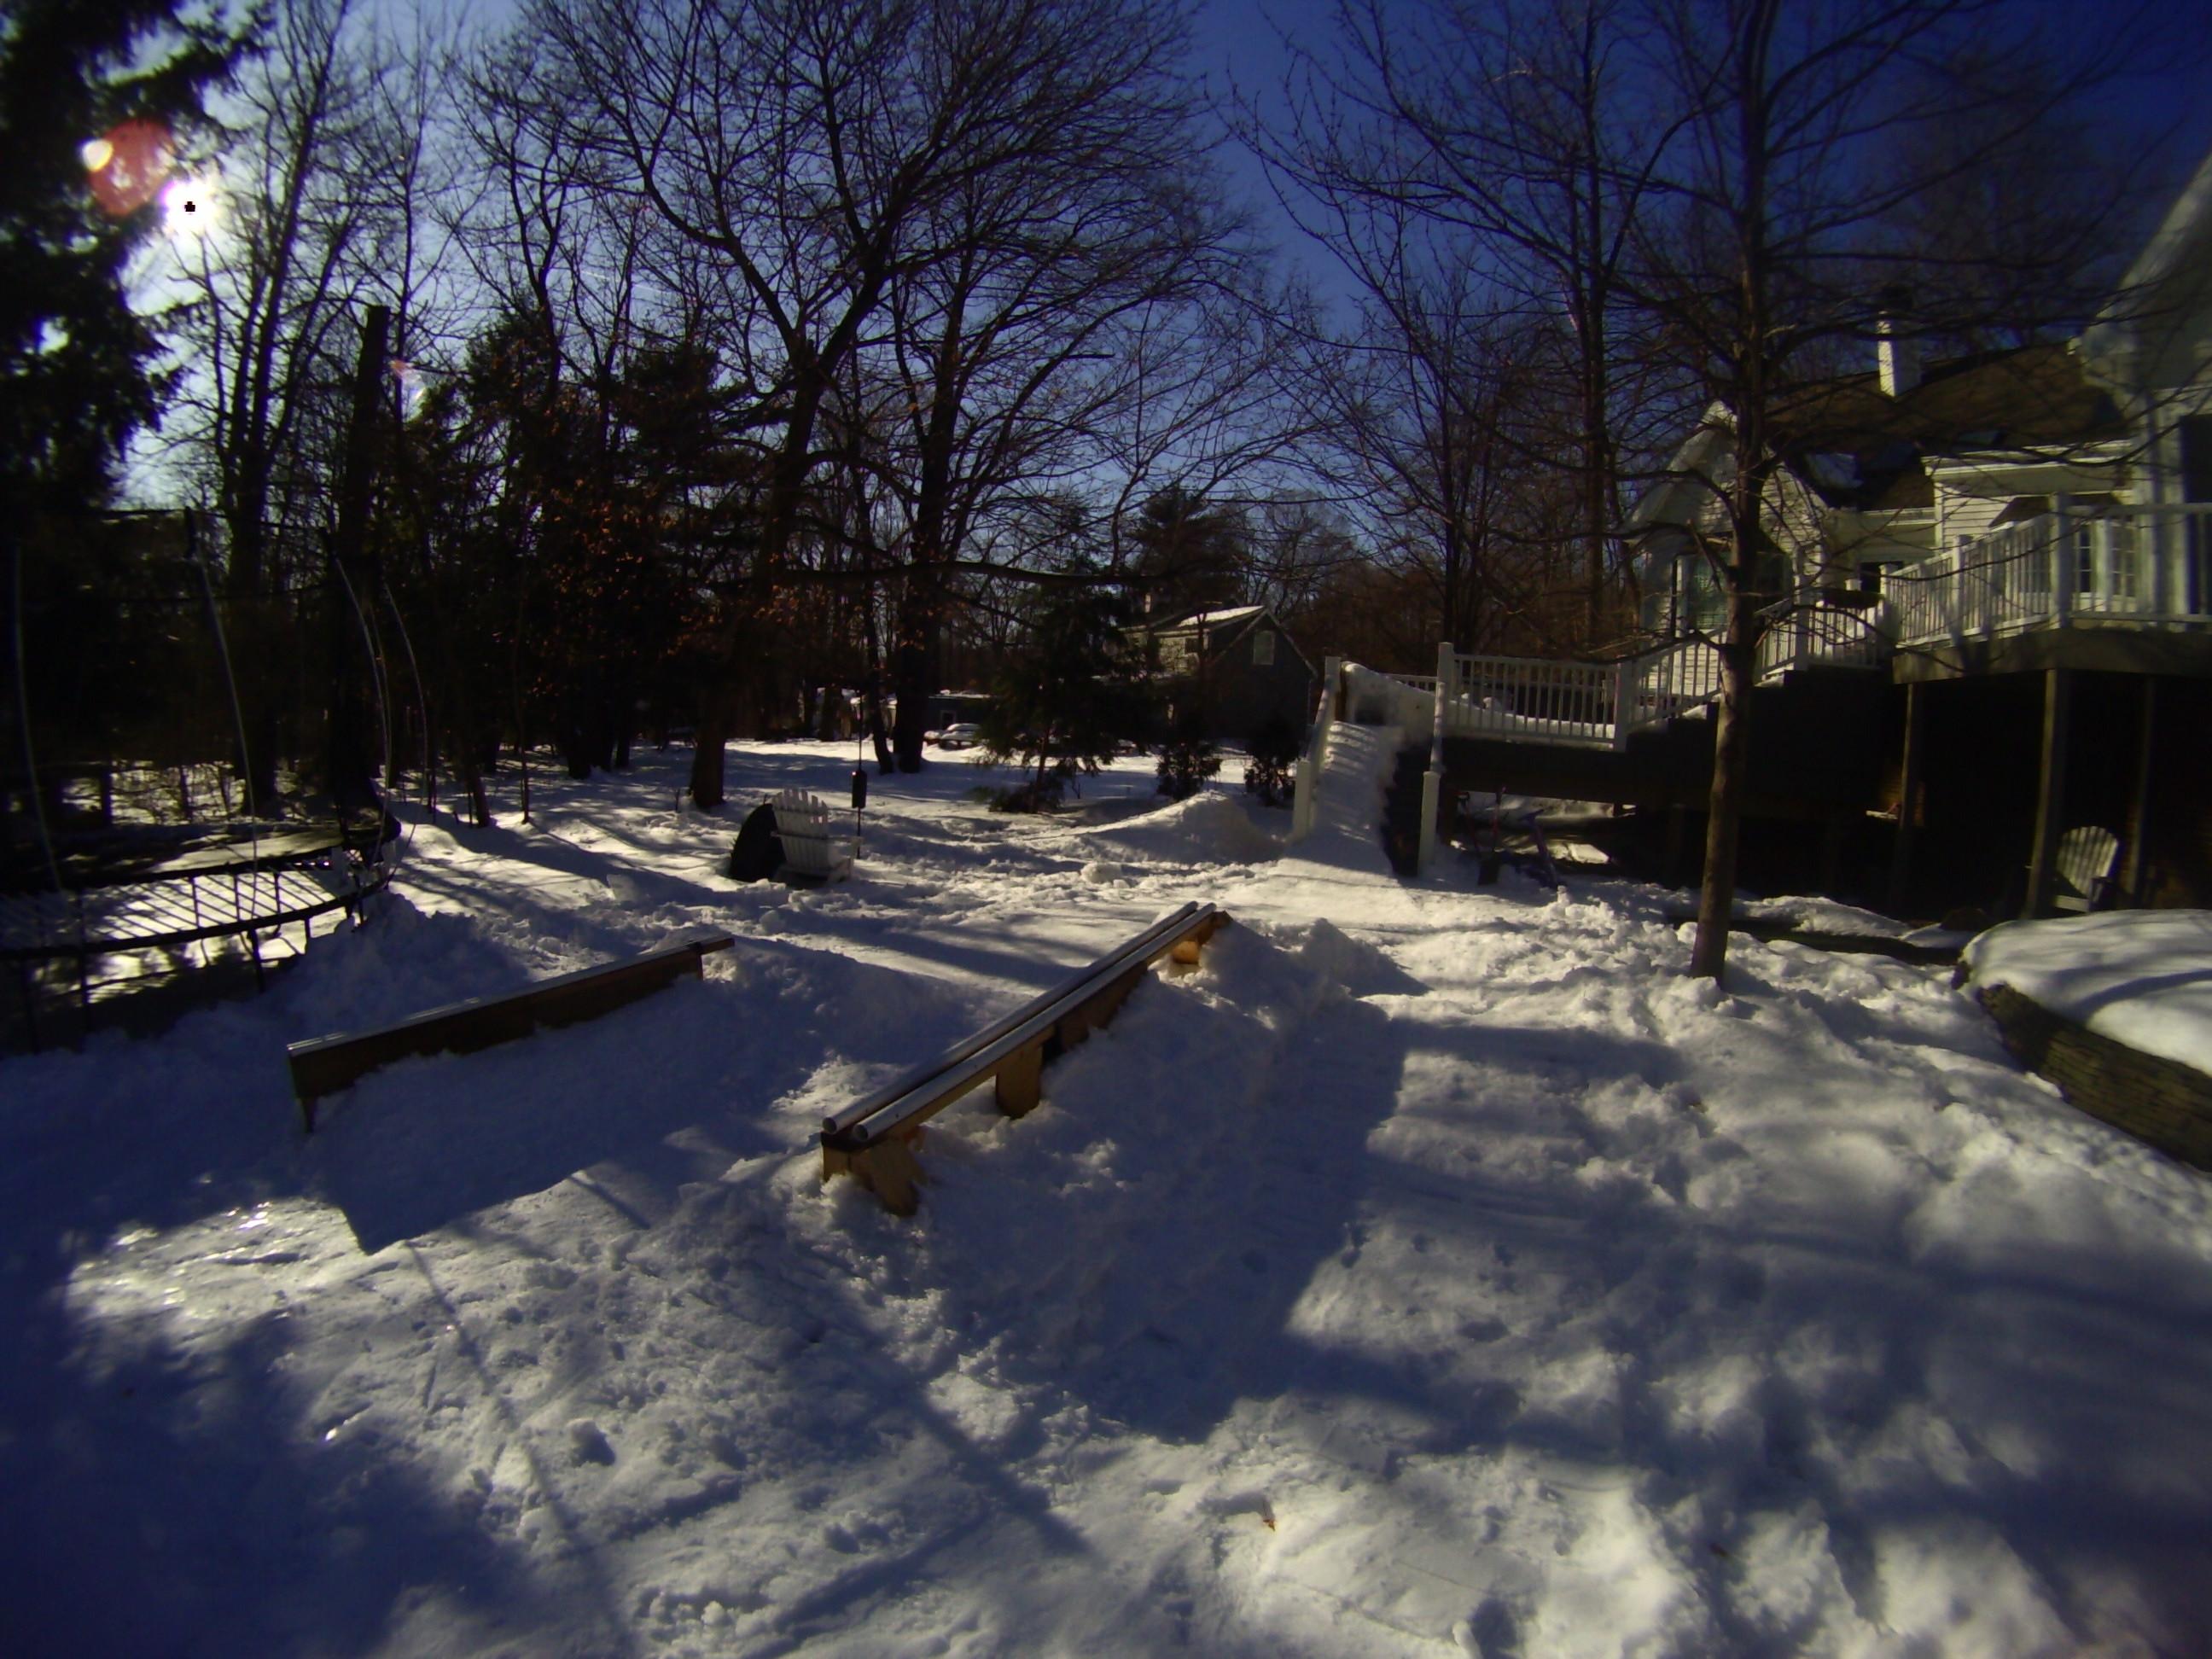 Backyard Winter Setup